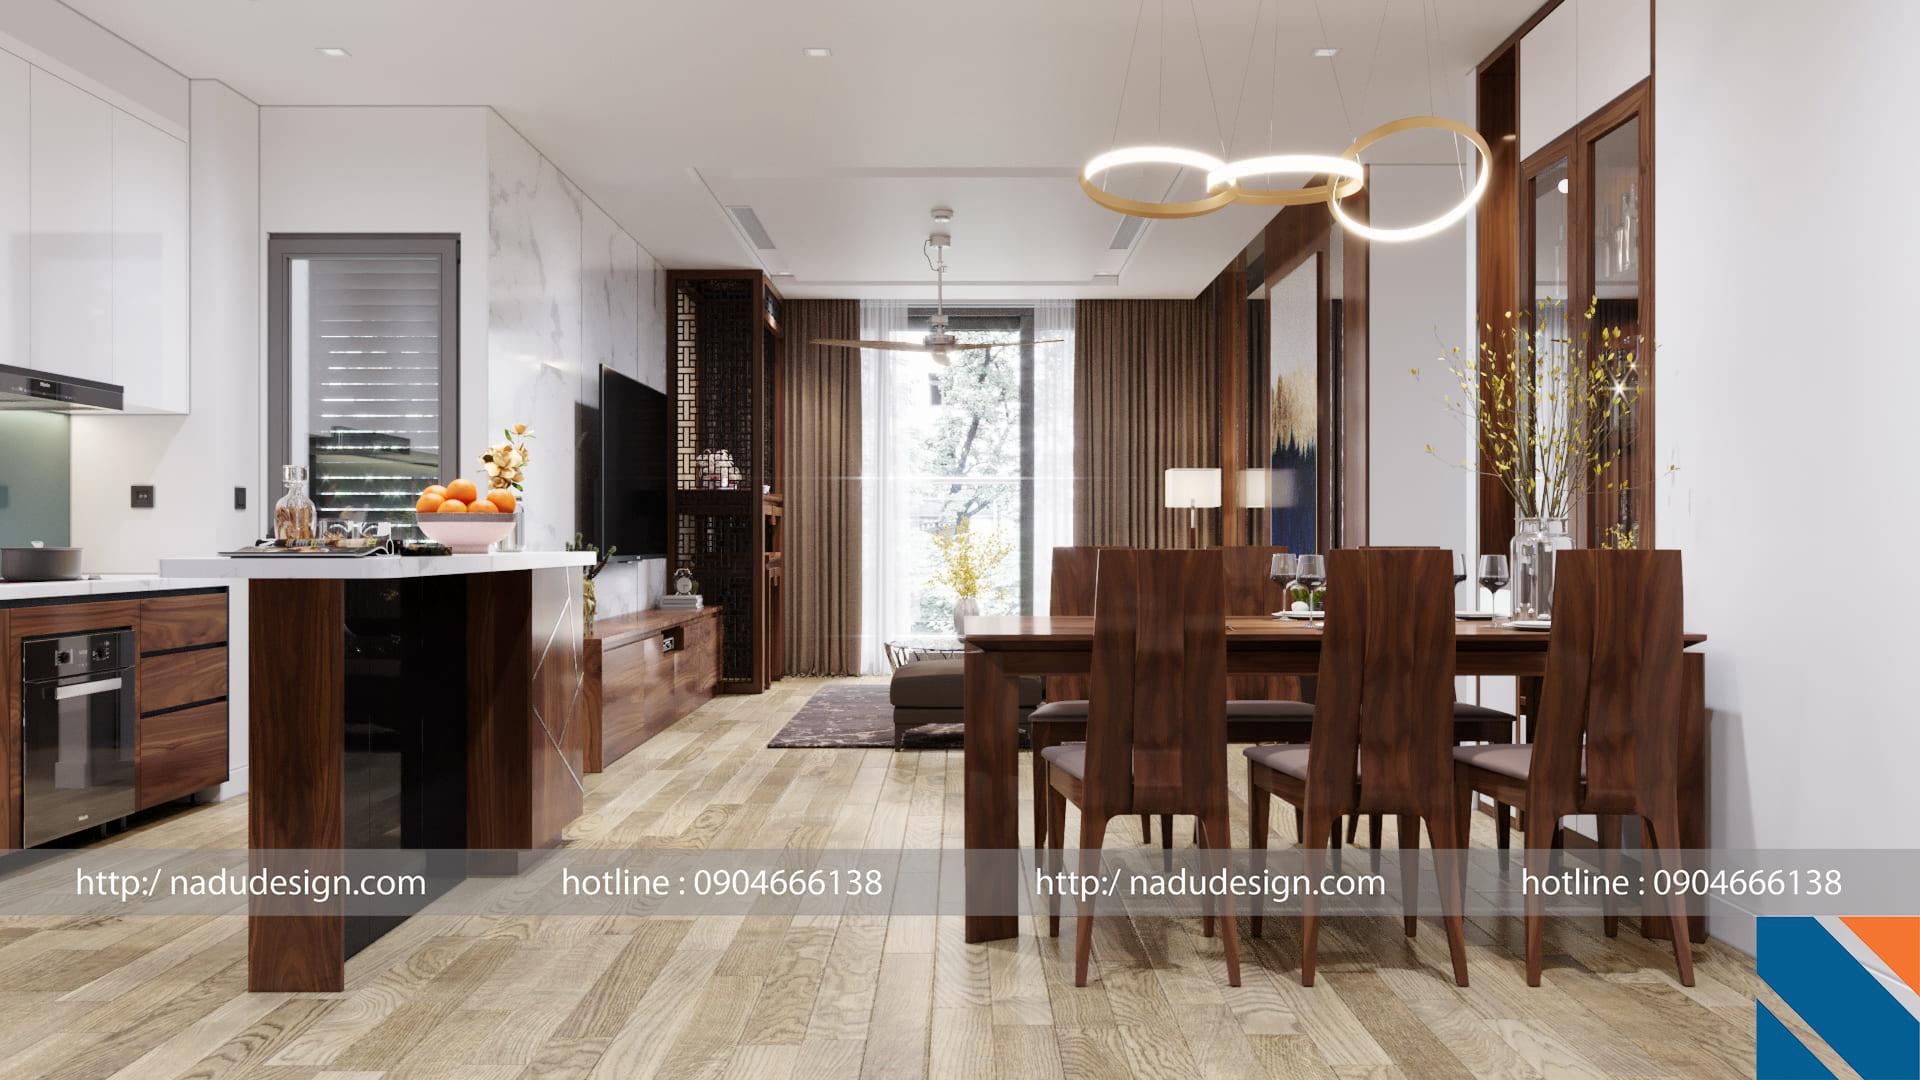 Phong thủy nhà ở- mẫu thiết kế của Nadu Design